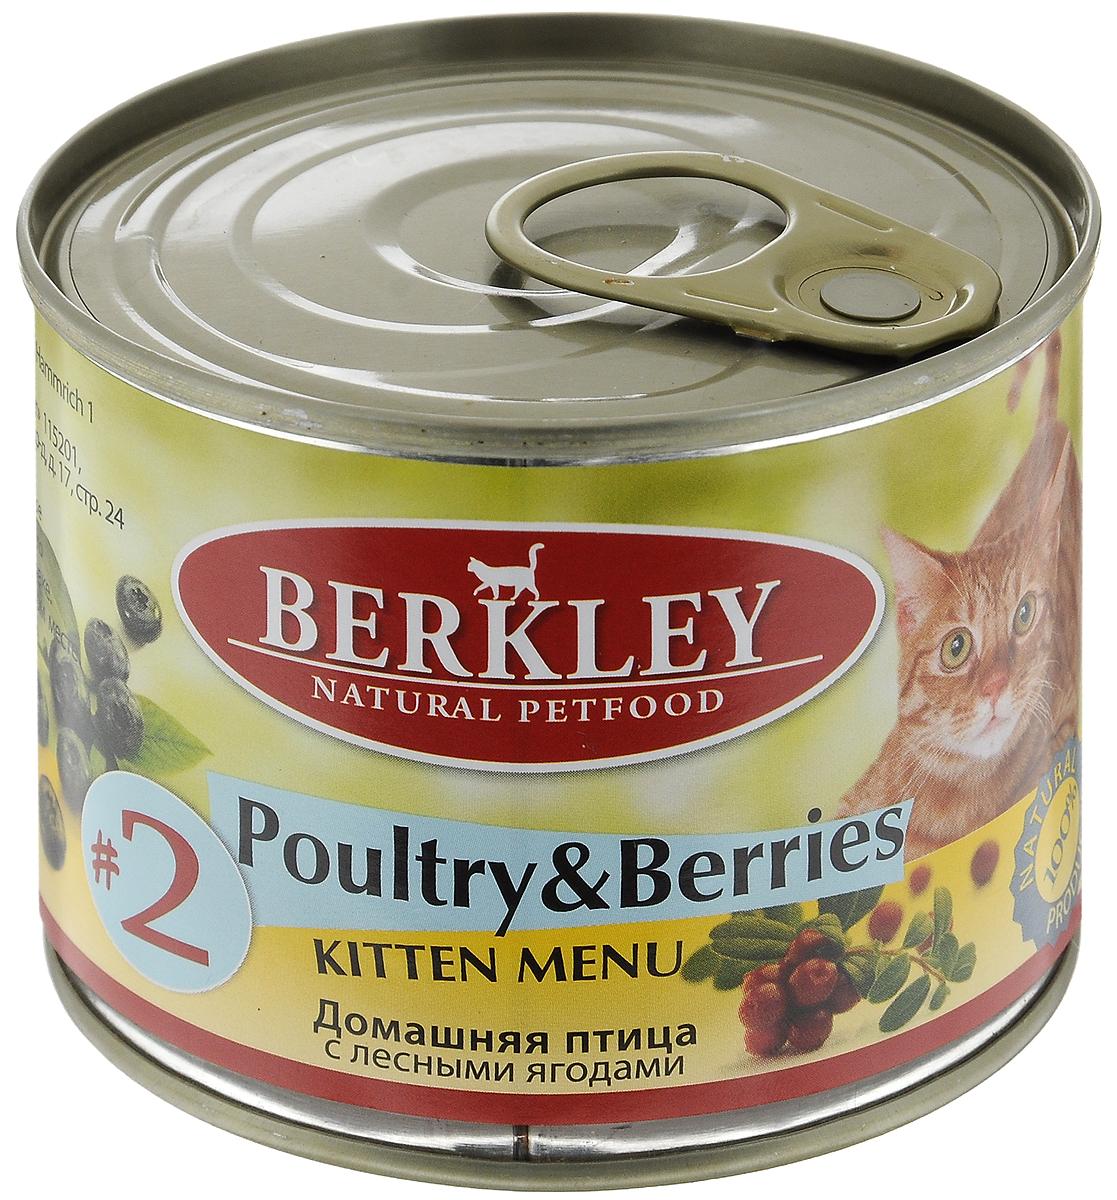 Консервы для котят Berkley №2, домашняя птица с лесными ягодами, 200 г76497Berkley №2 - это полноценное консервированное питание для котят. Содержит нежное мясо домашней птицы наилучшего качества с лесными ягодами в ароматном бульоне. Консервы приготовлены исключительно из натурального сырья. Не содержат сои, искусственных красителей, ароматизаторов и консервантов. Товар сертифицирован.